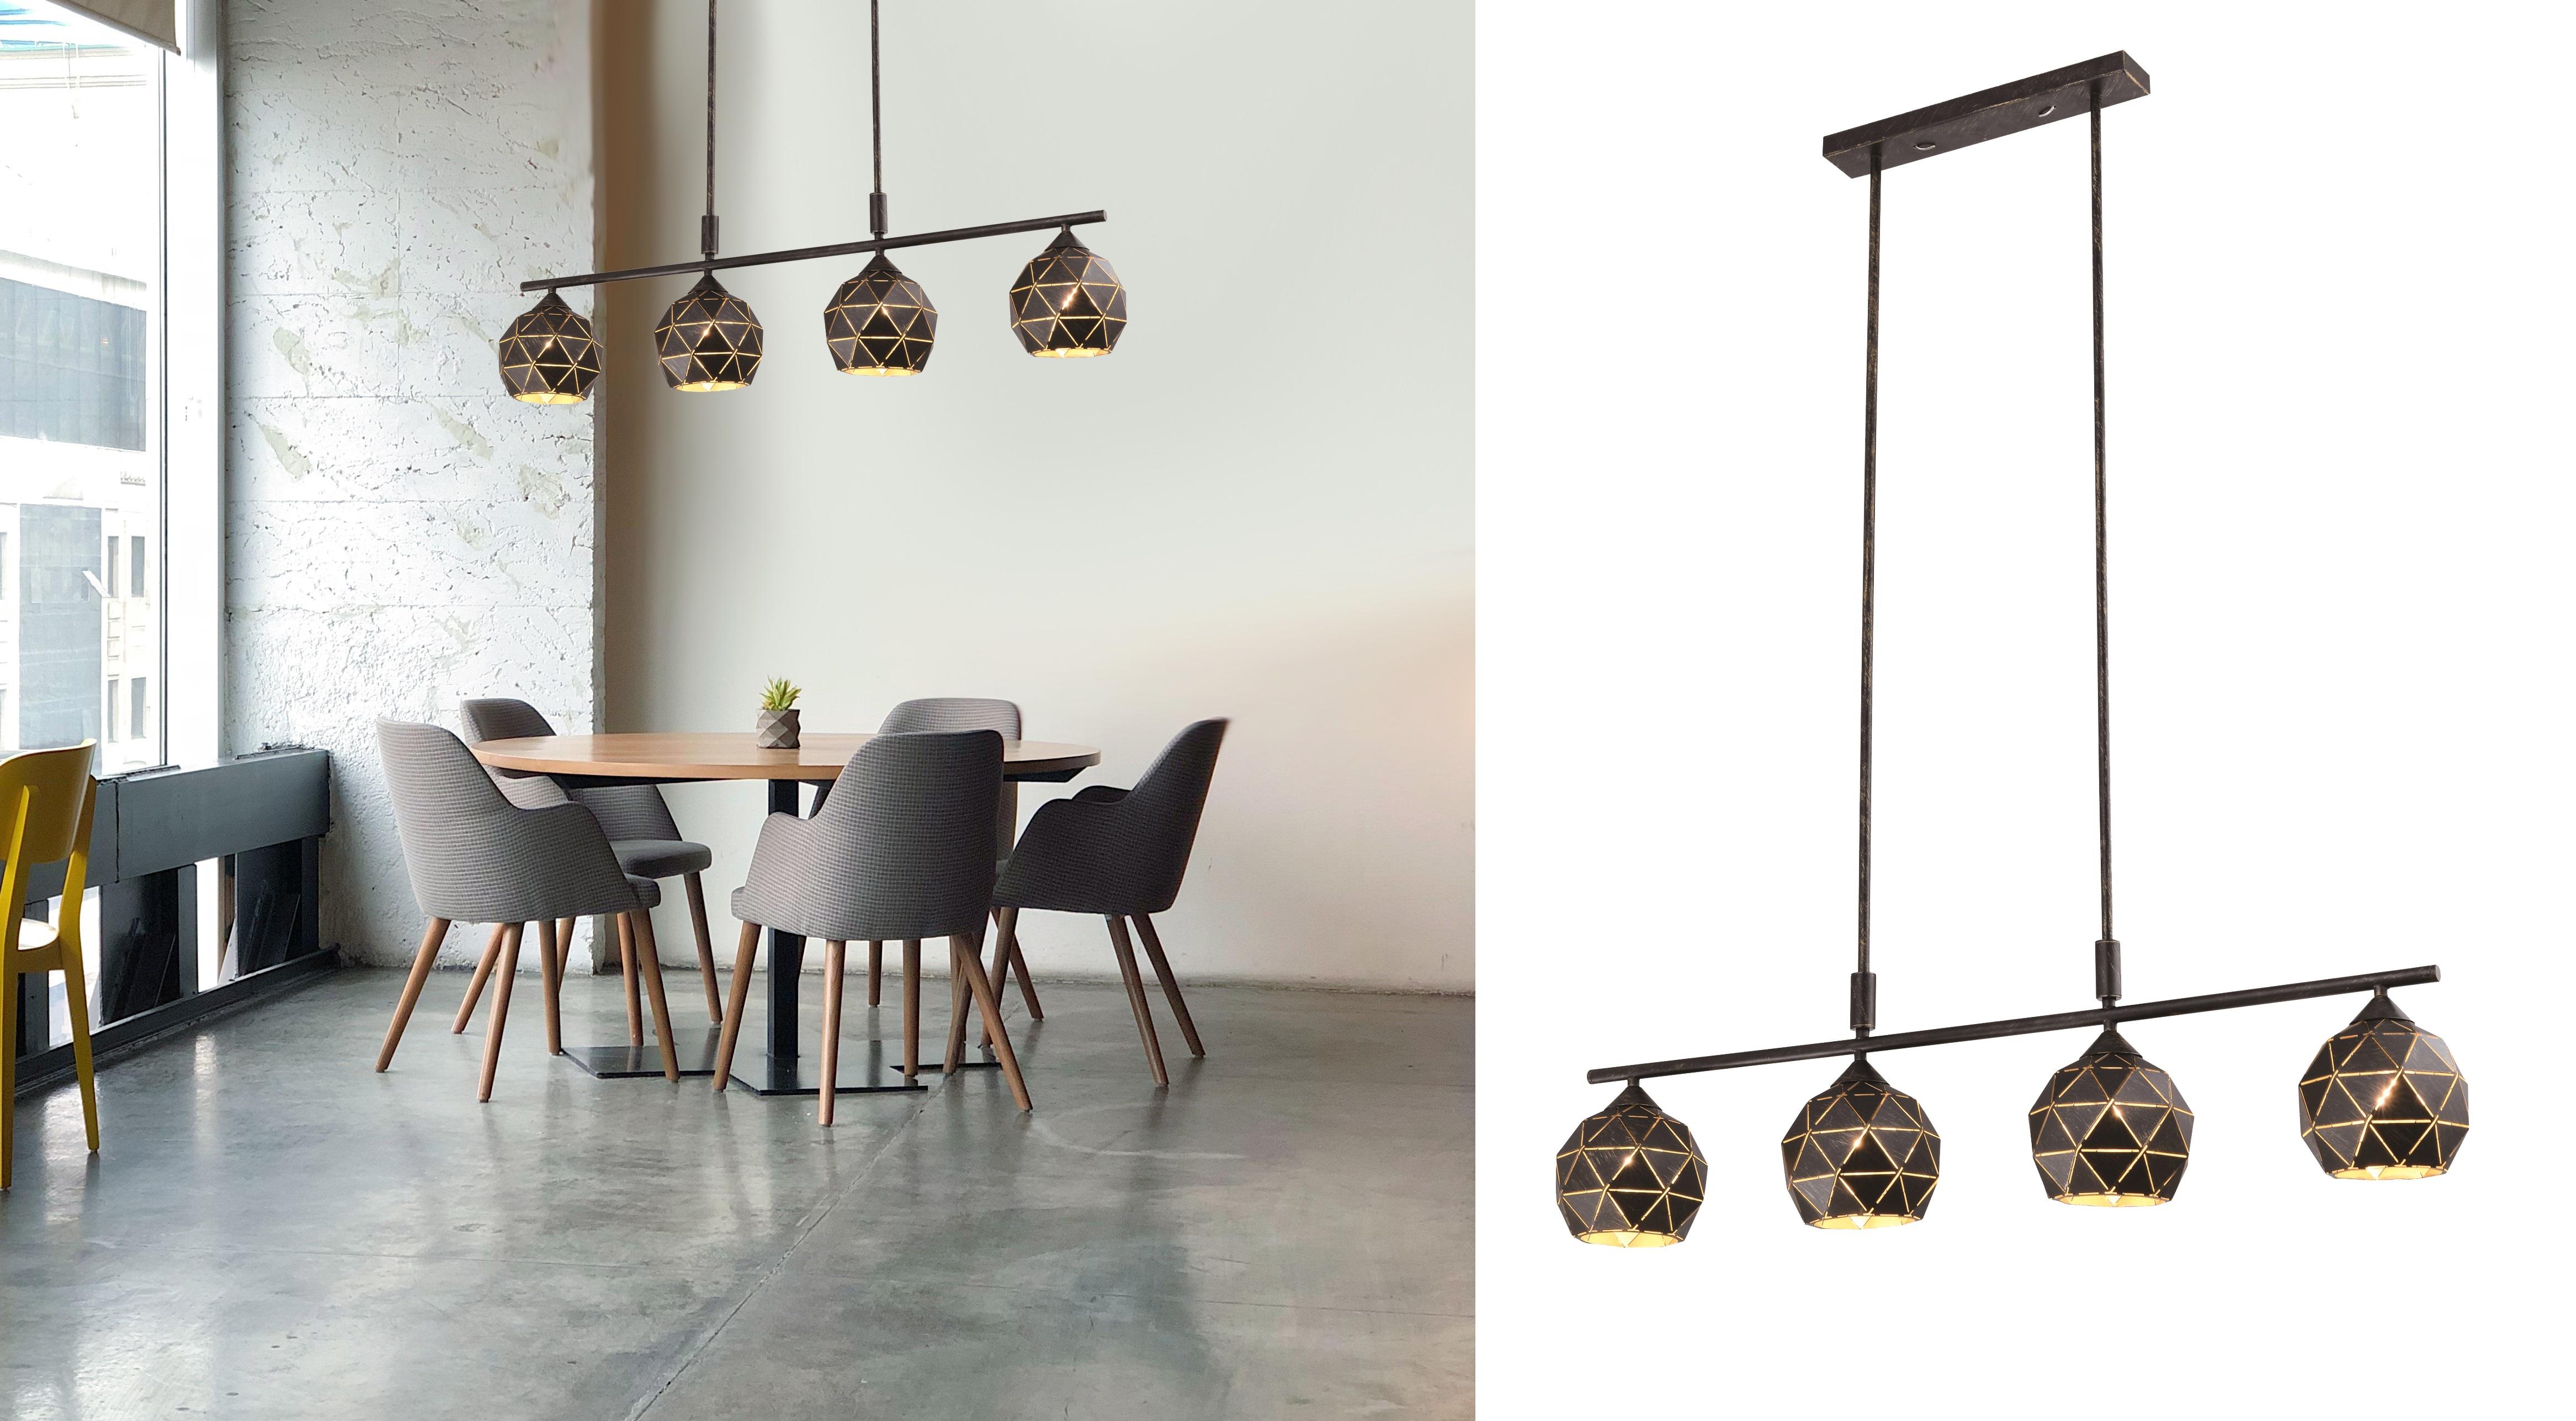 nowoczesna lampa wisząca dekoracyjna w aranżacji